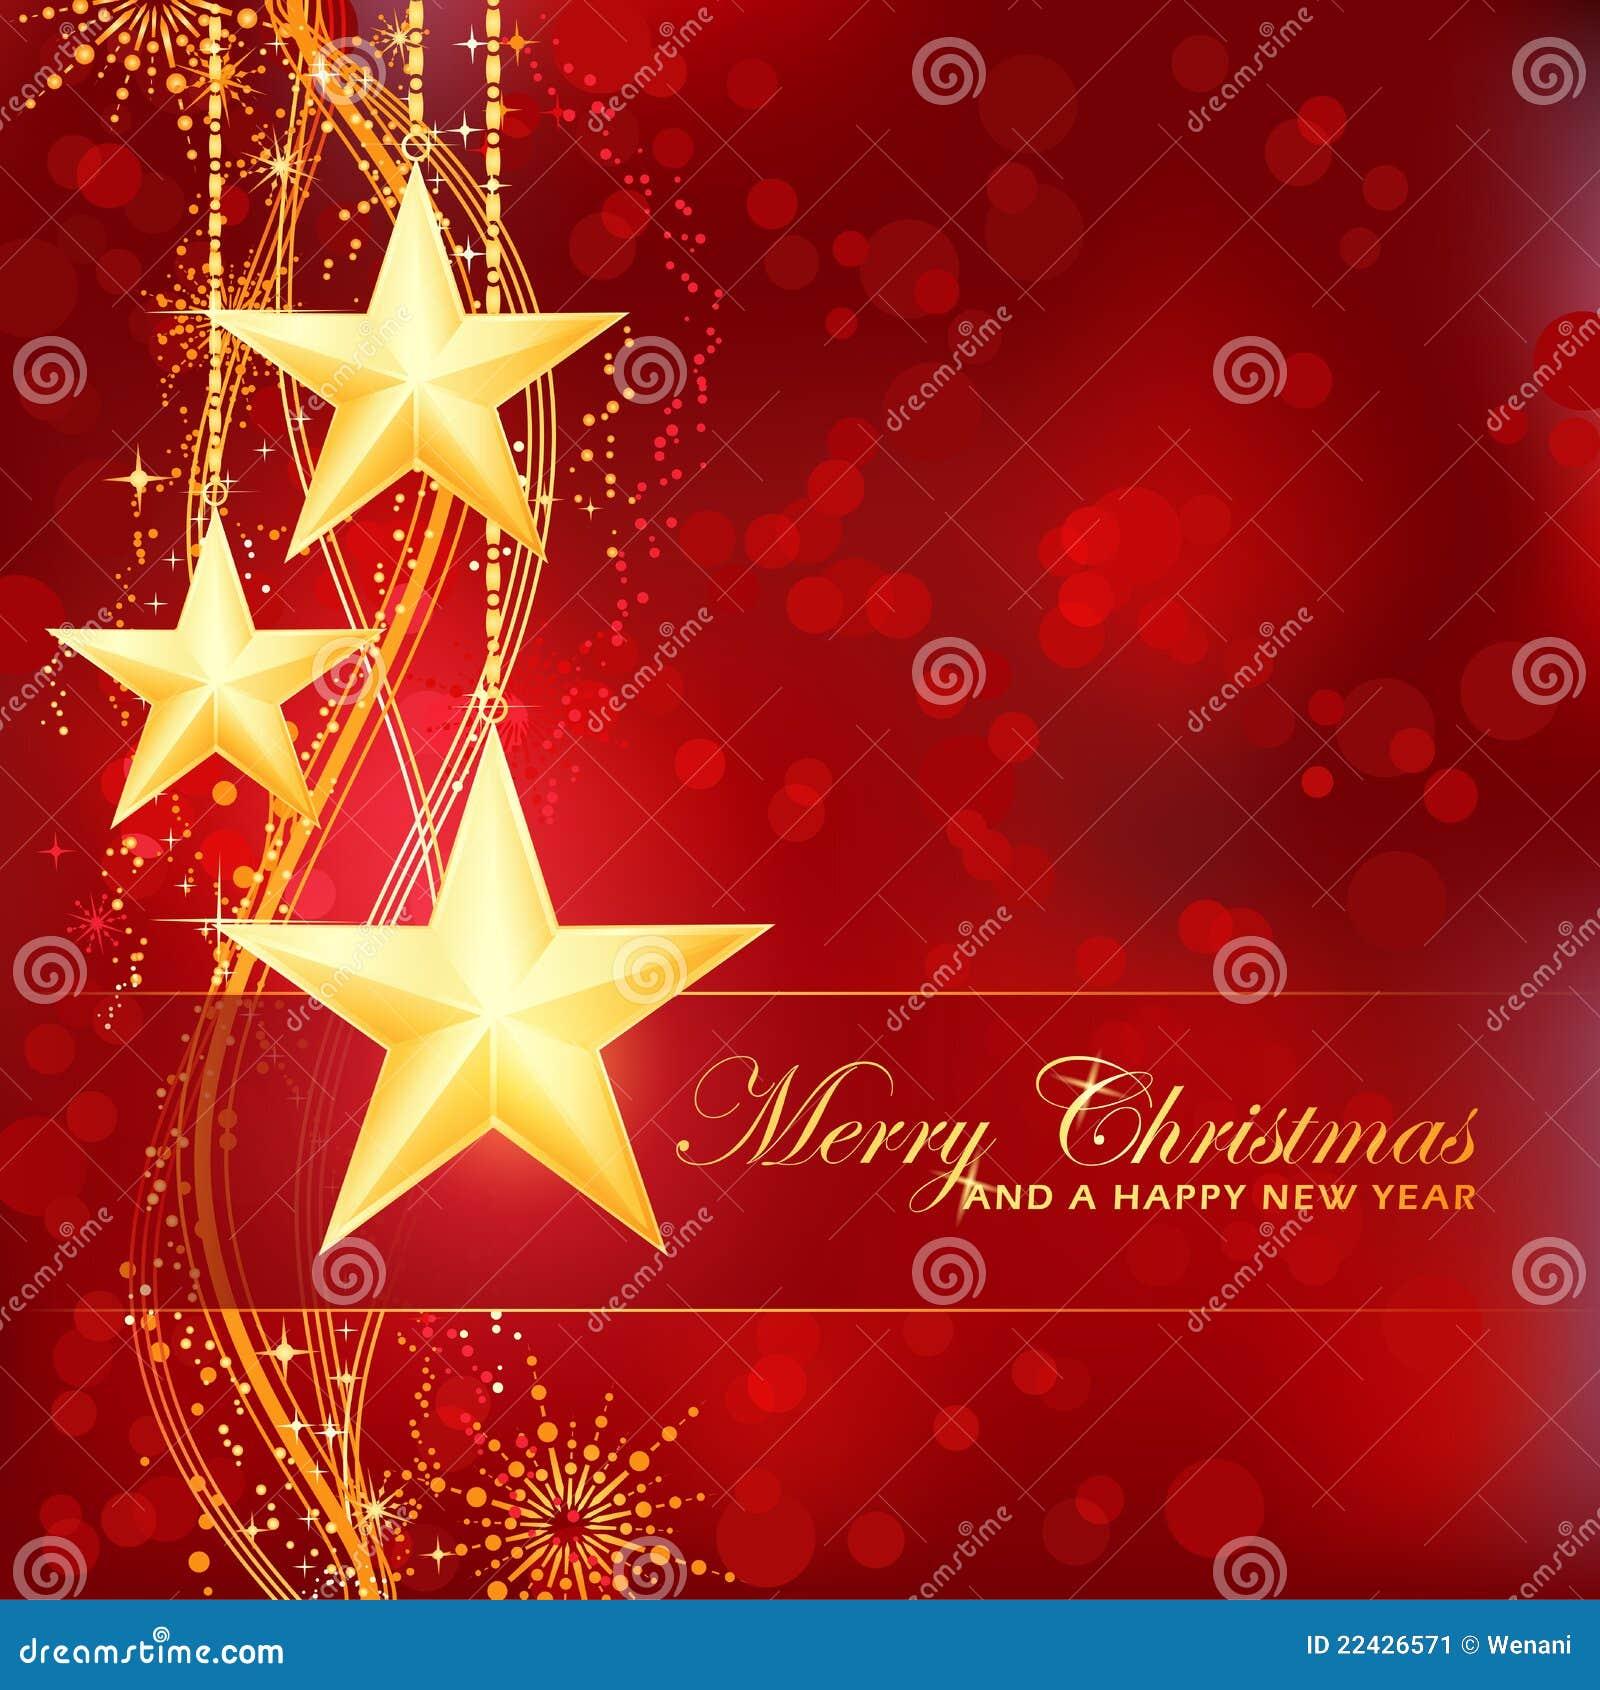 A Very Merry Borik�n Christmas: Estrellas De Oro De La Feliz Navidad En Fondo Rojo